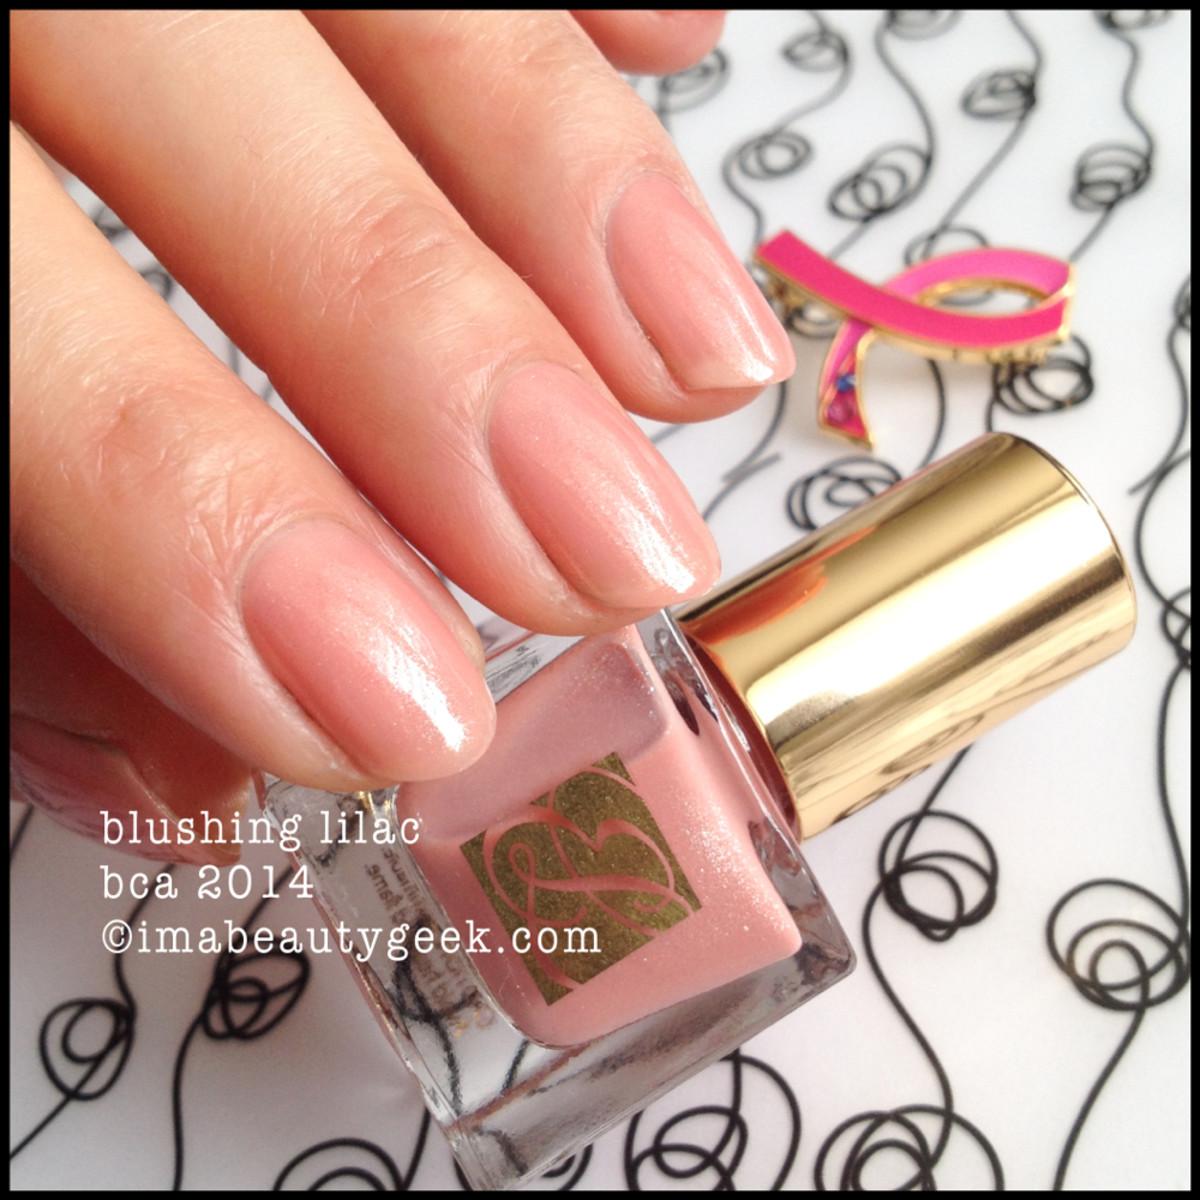 Estee Lauder BCA 2014 Blushing Lilac